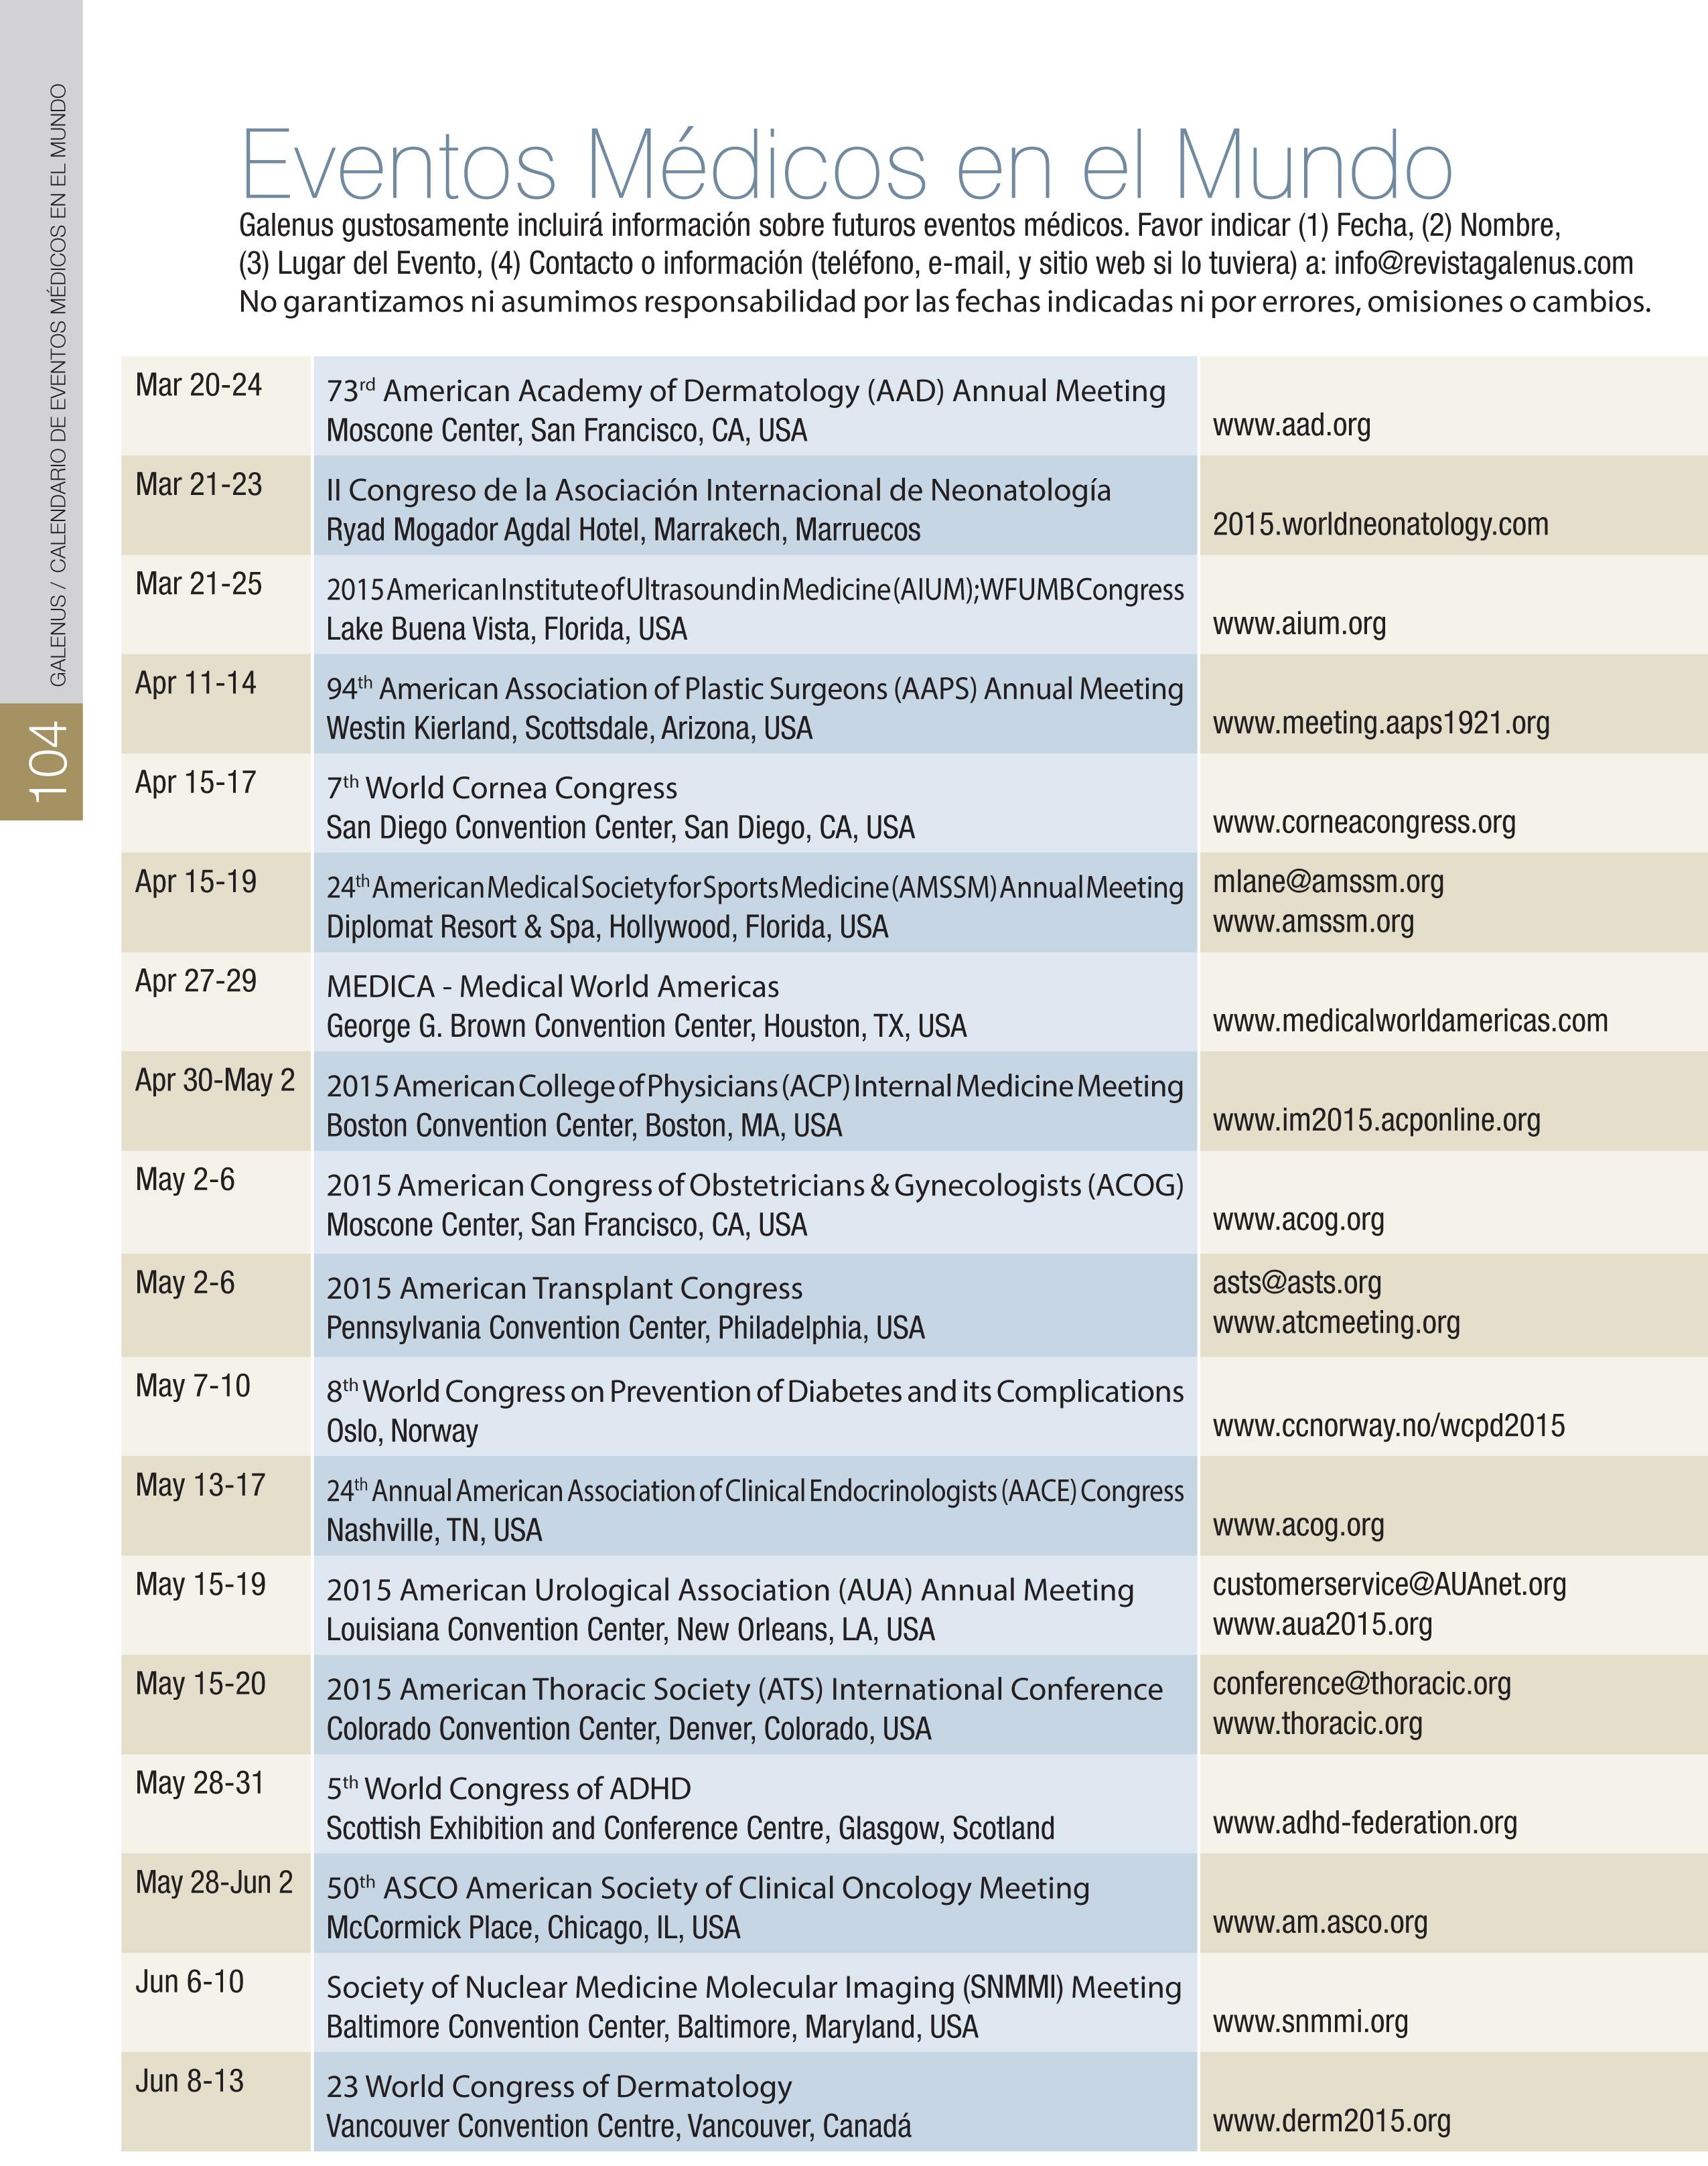 Eventos Médicos en el Mundo